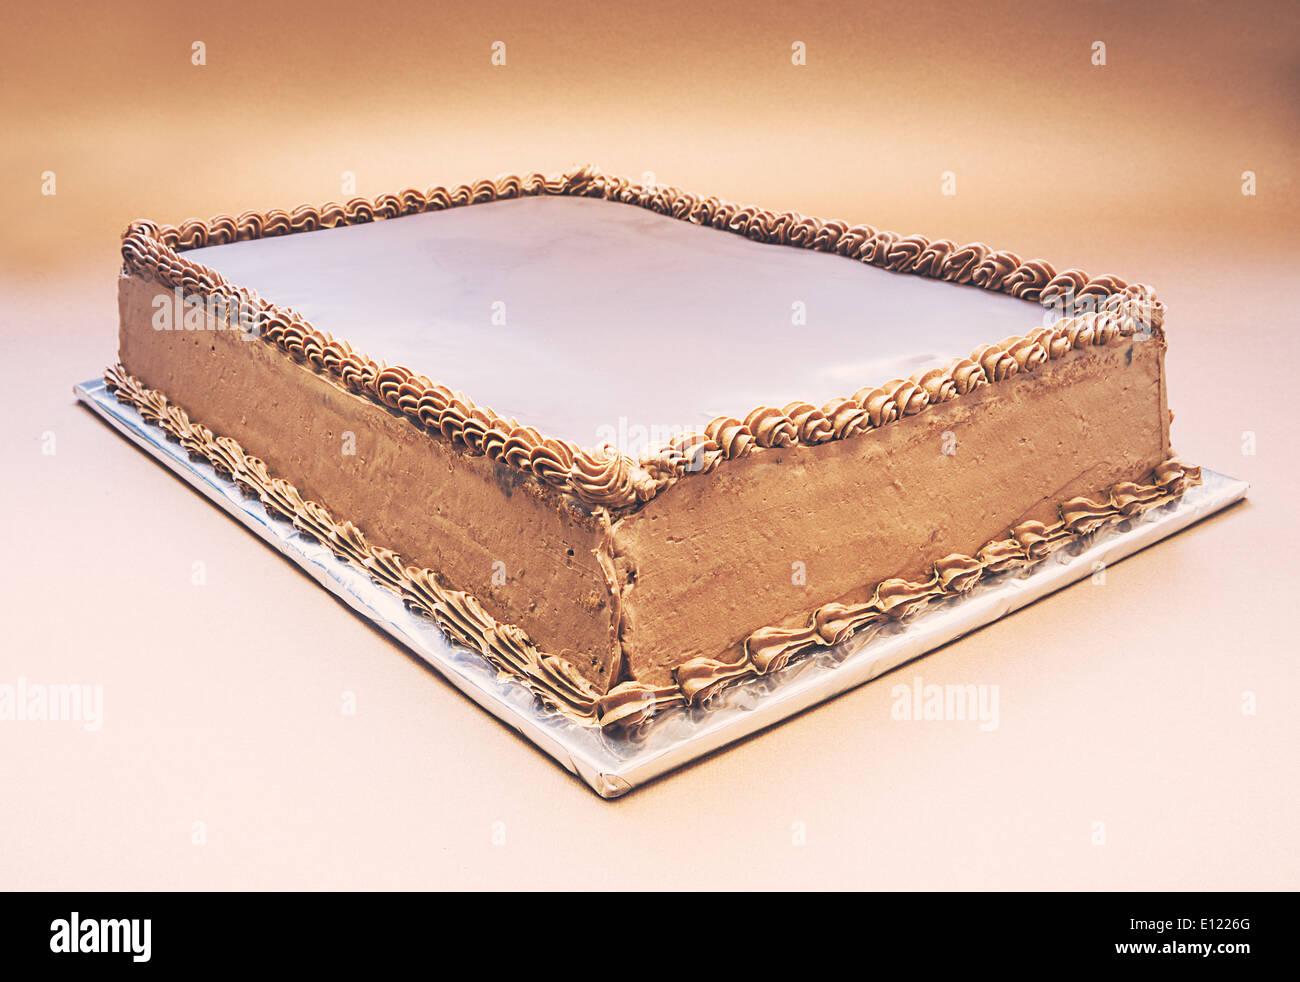 Gâteau au chocolat simple sur fond brun. Banque D'Images